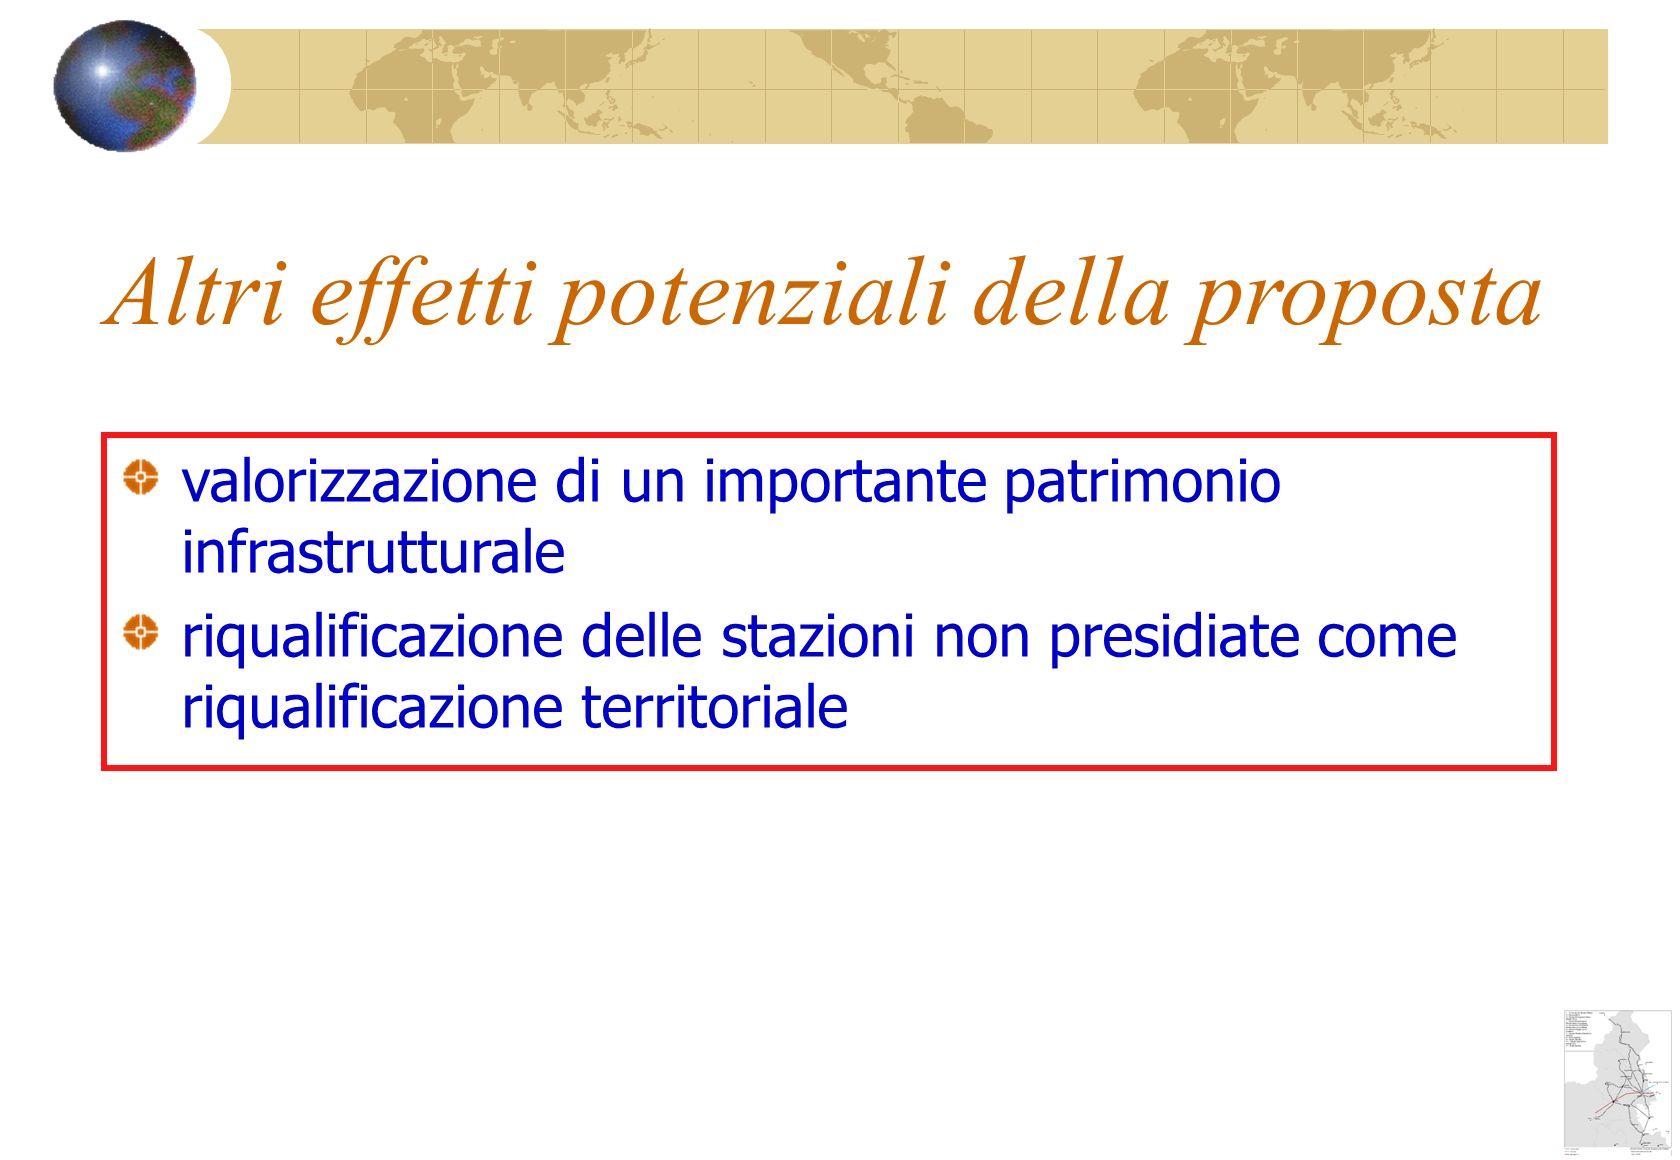 Altri effetti potenziali della proposta valorizzazione di un importante patrimonio infrastrutturale riqualificazione delle stazioni non presidiate come riqualificazione territoriale